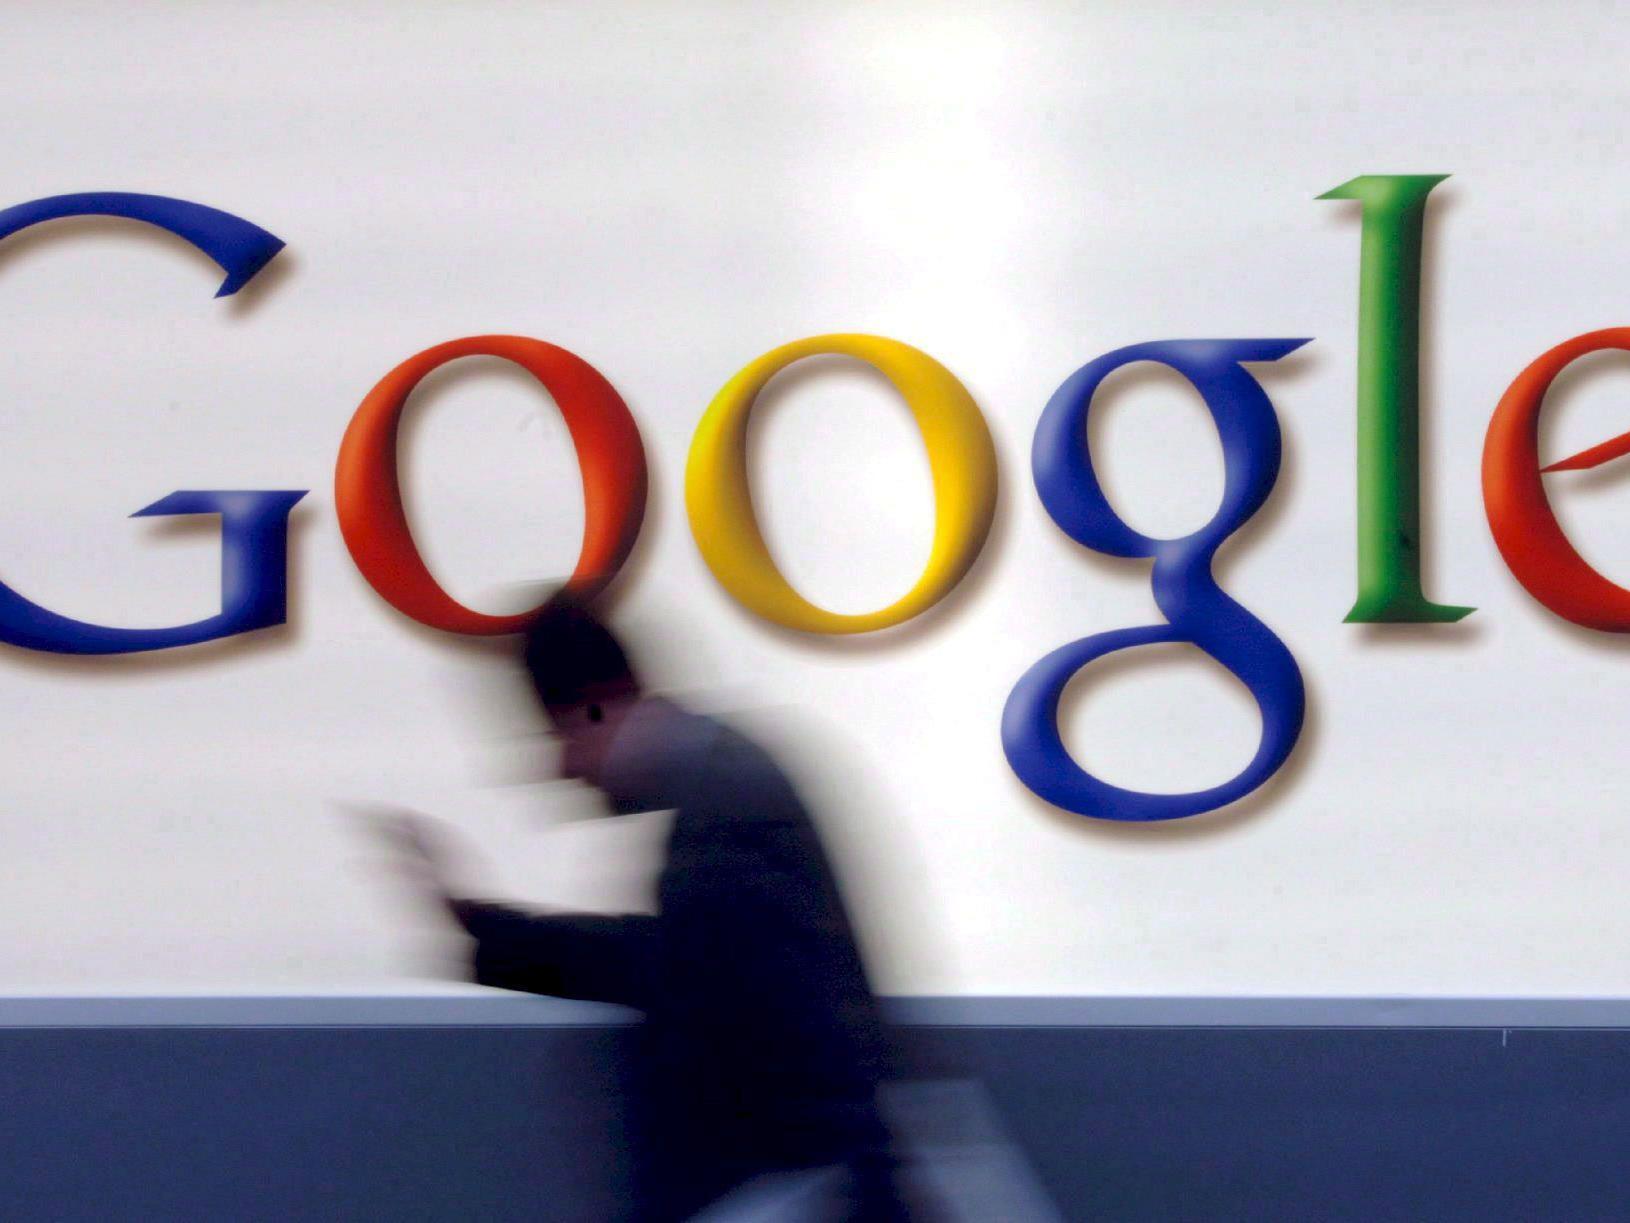 Der Google-Dienst in Deutschland richtet sich vor allem an Besitzer von Smartphones und Tablet-Computer mit dem Betriebssystem Android.